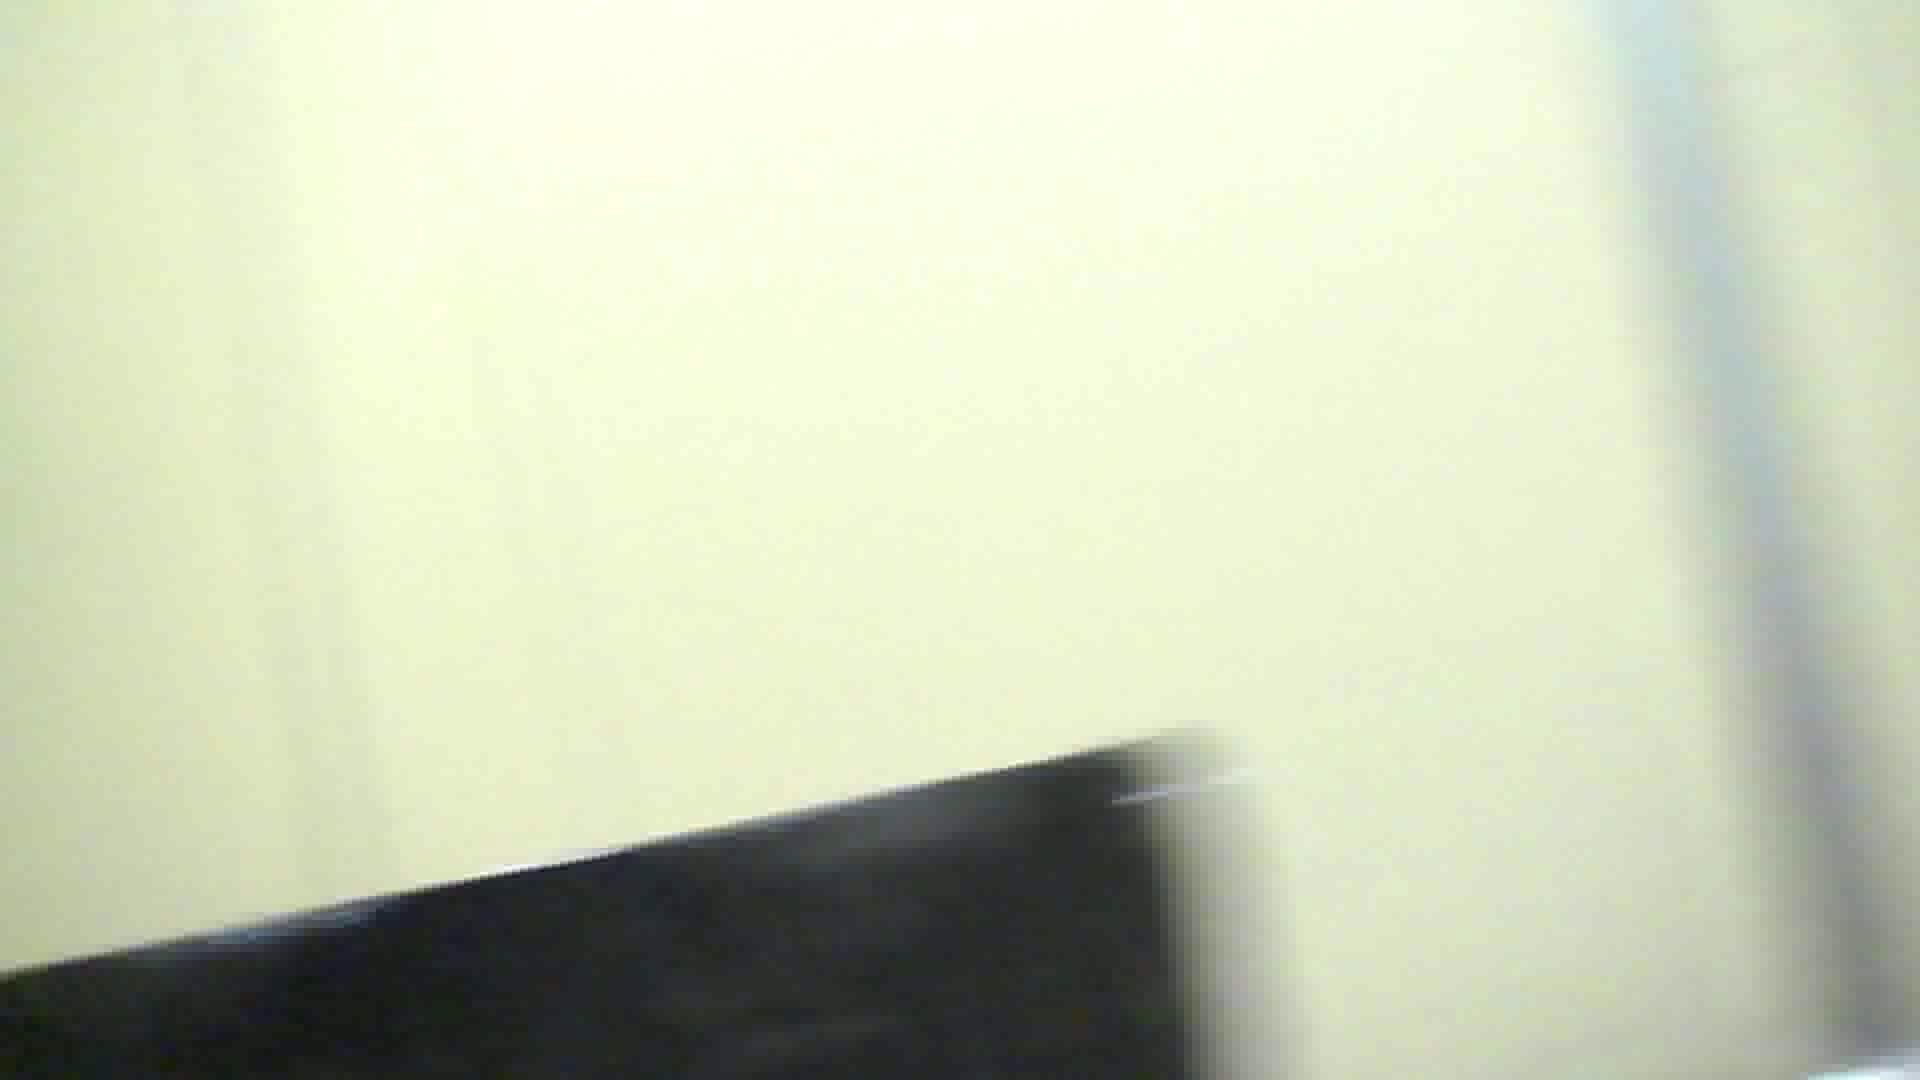 マンコ丸見え女子洗面所Vol.45 マンコ  44pic 36